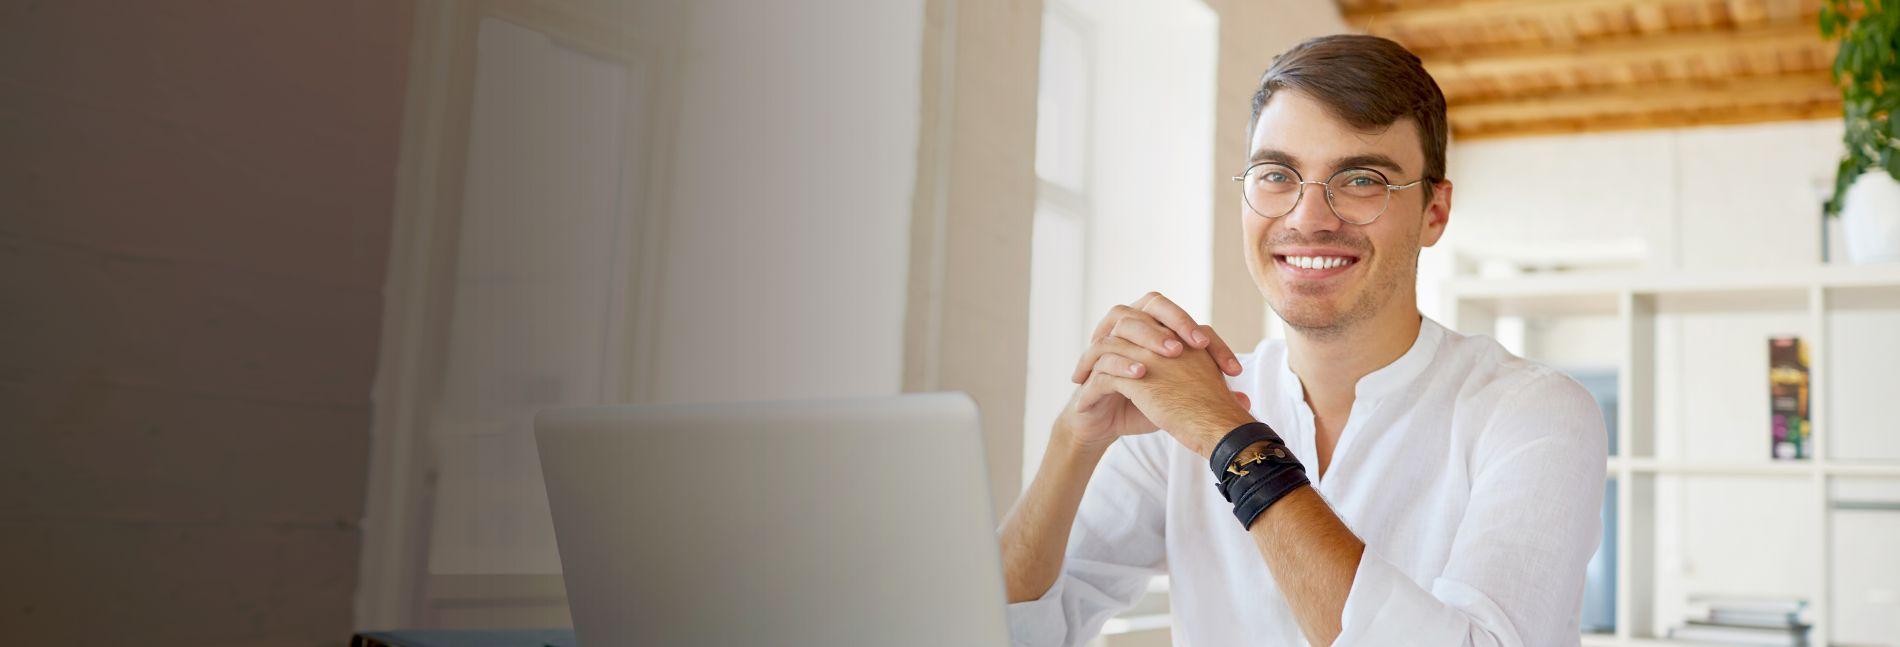 Экспресс кредит без отказа на бизнес